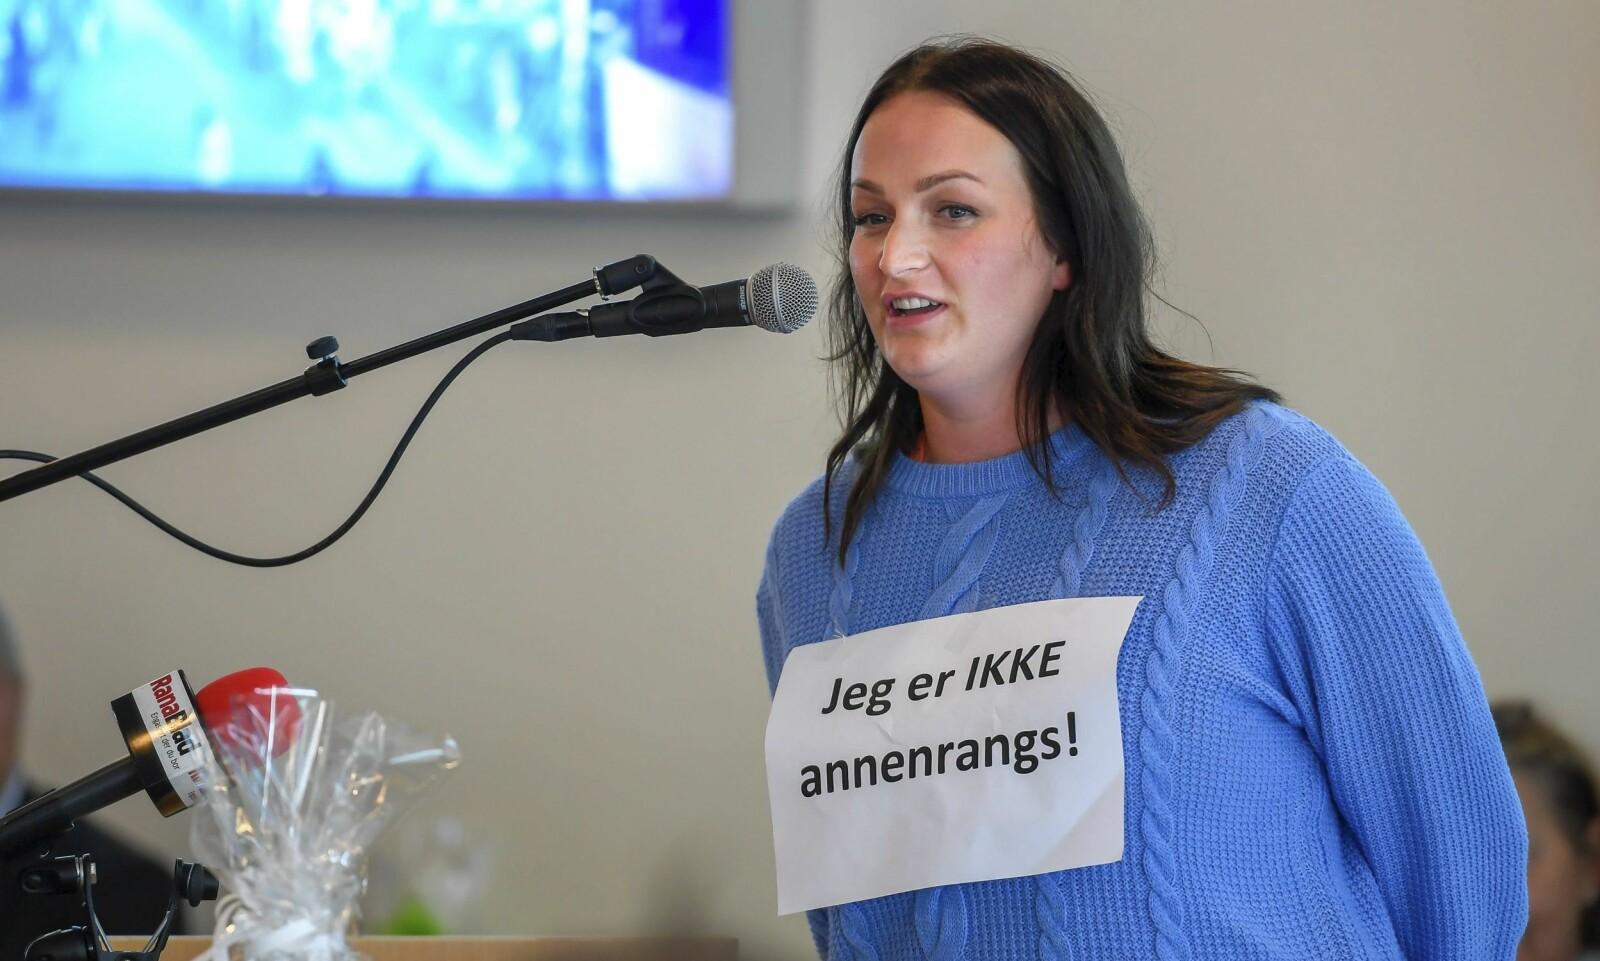 Katrine Johnsen har tatt kampen for Nesna på vegne av studentane. — Eg har tapt nokre illusjonar undervegs. Det har kosta å stå i det. Men eg har også lært mykje, seier ho.